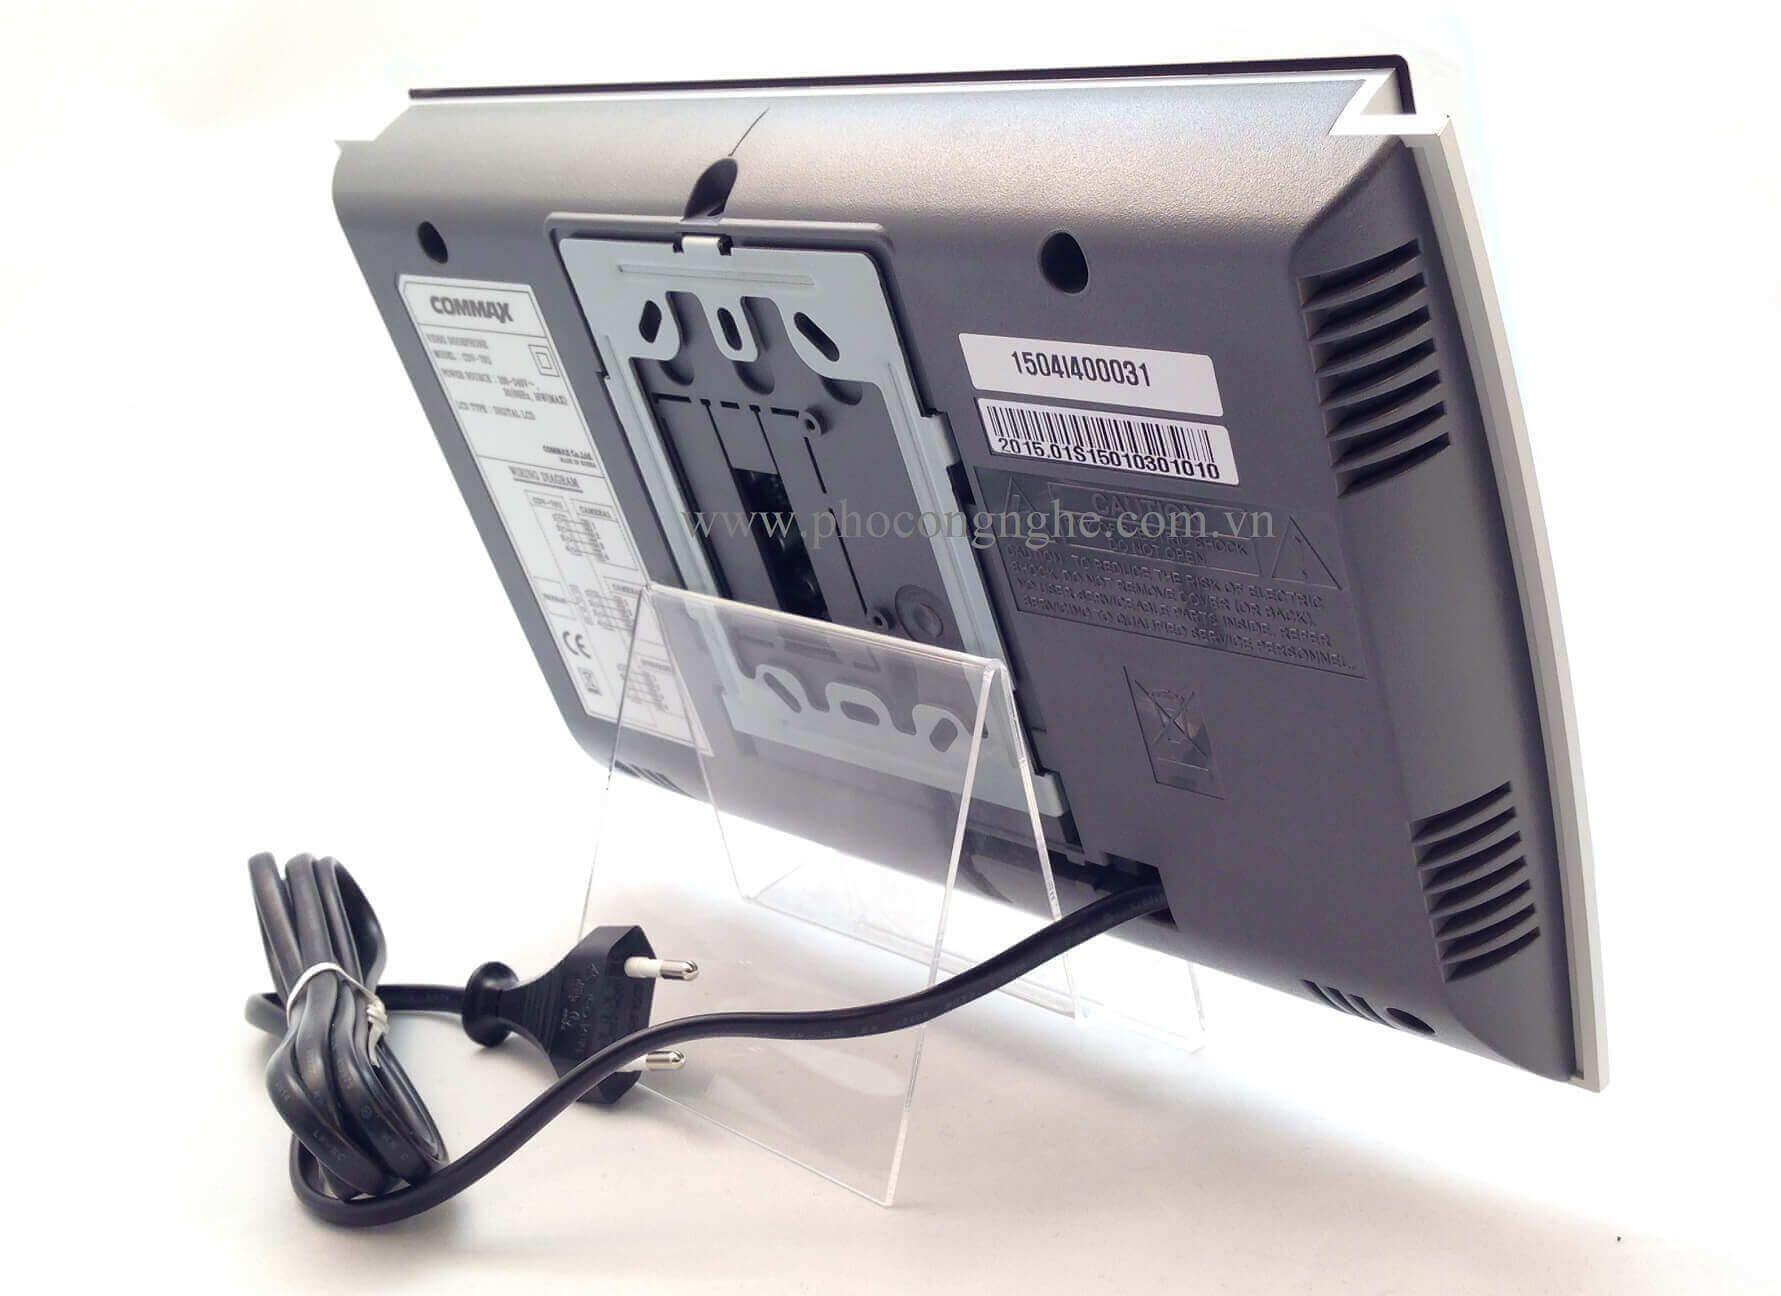 Màn hình chuông cửa 7 inch Commax CDV-70U